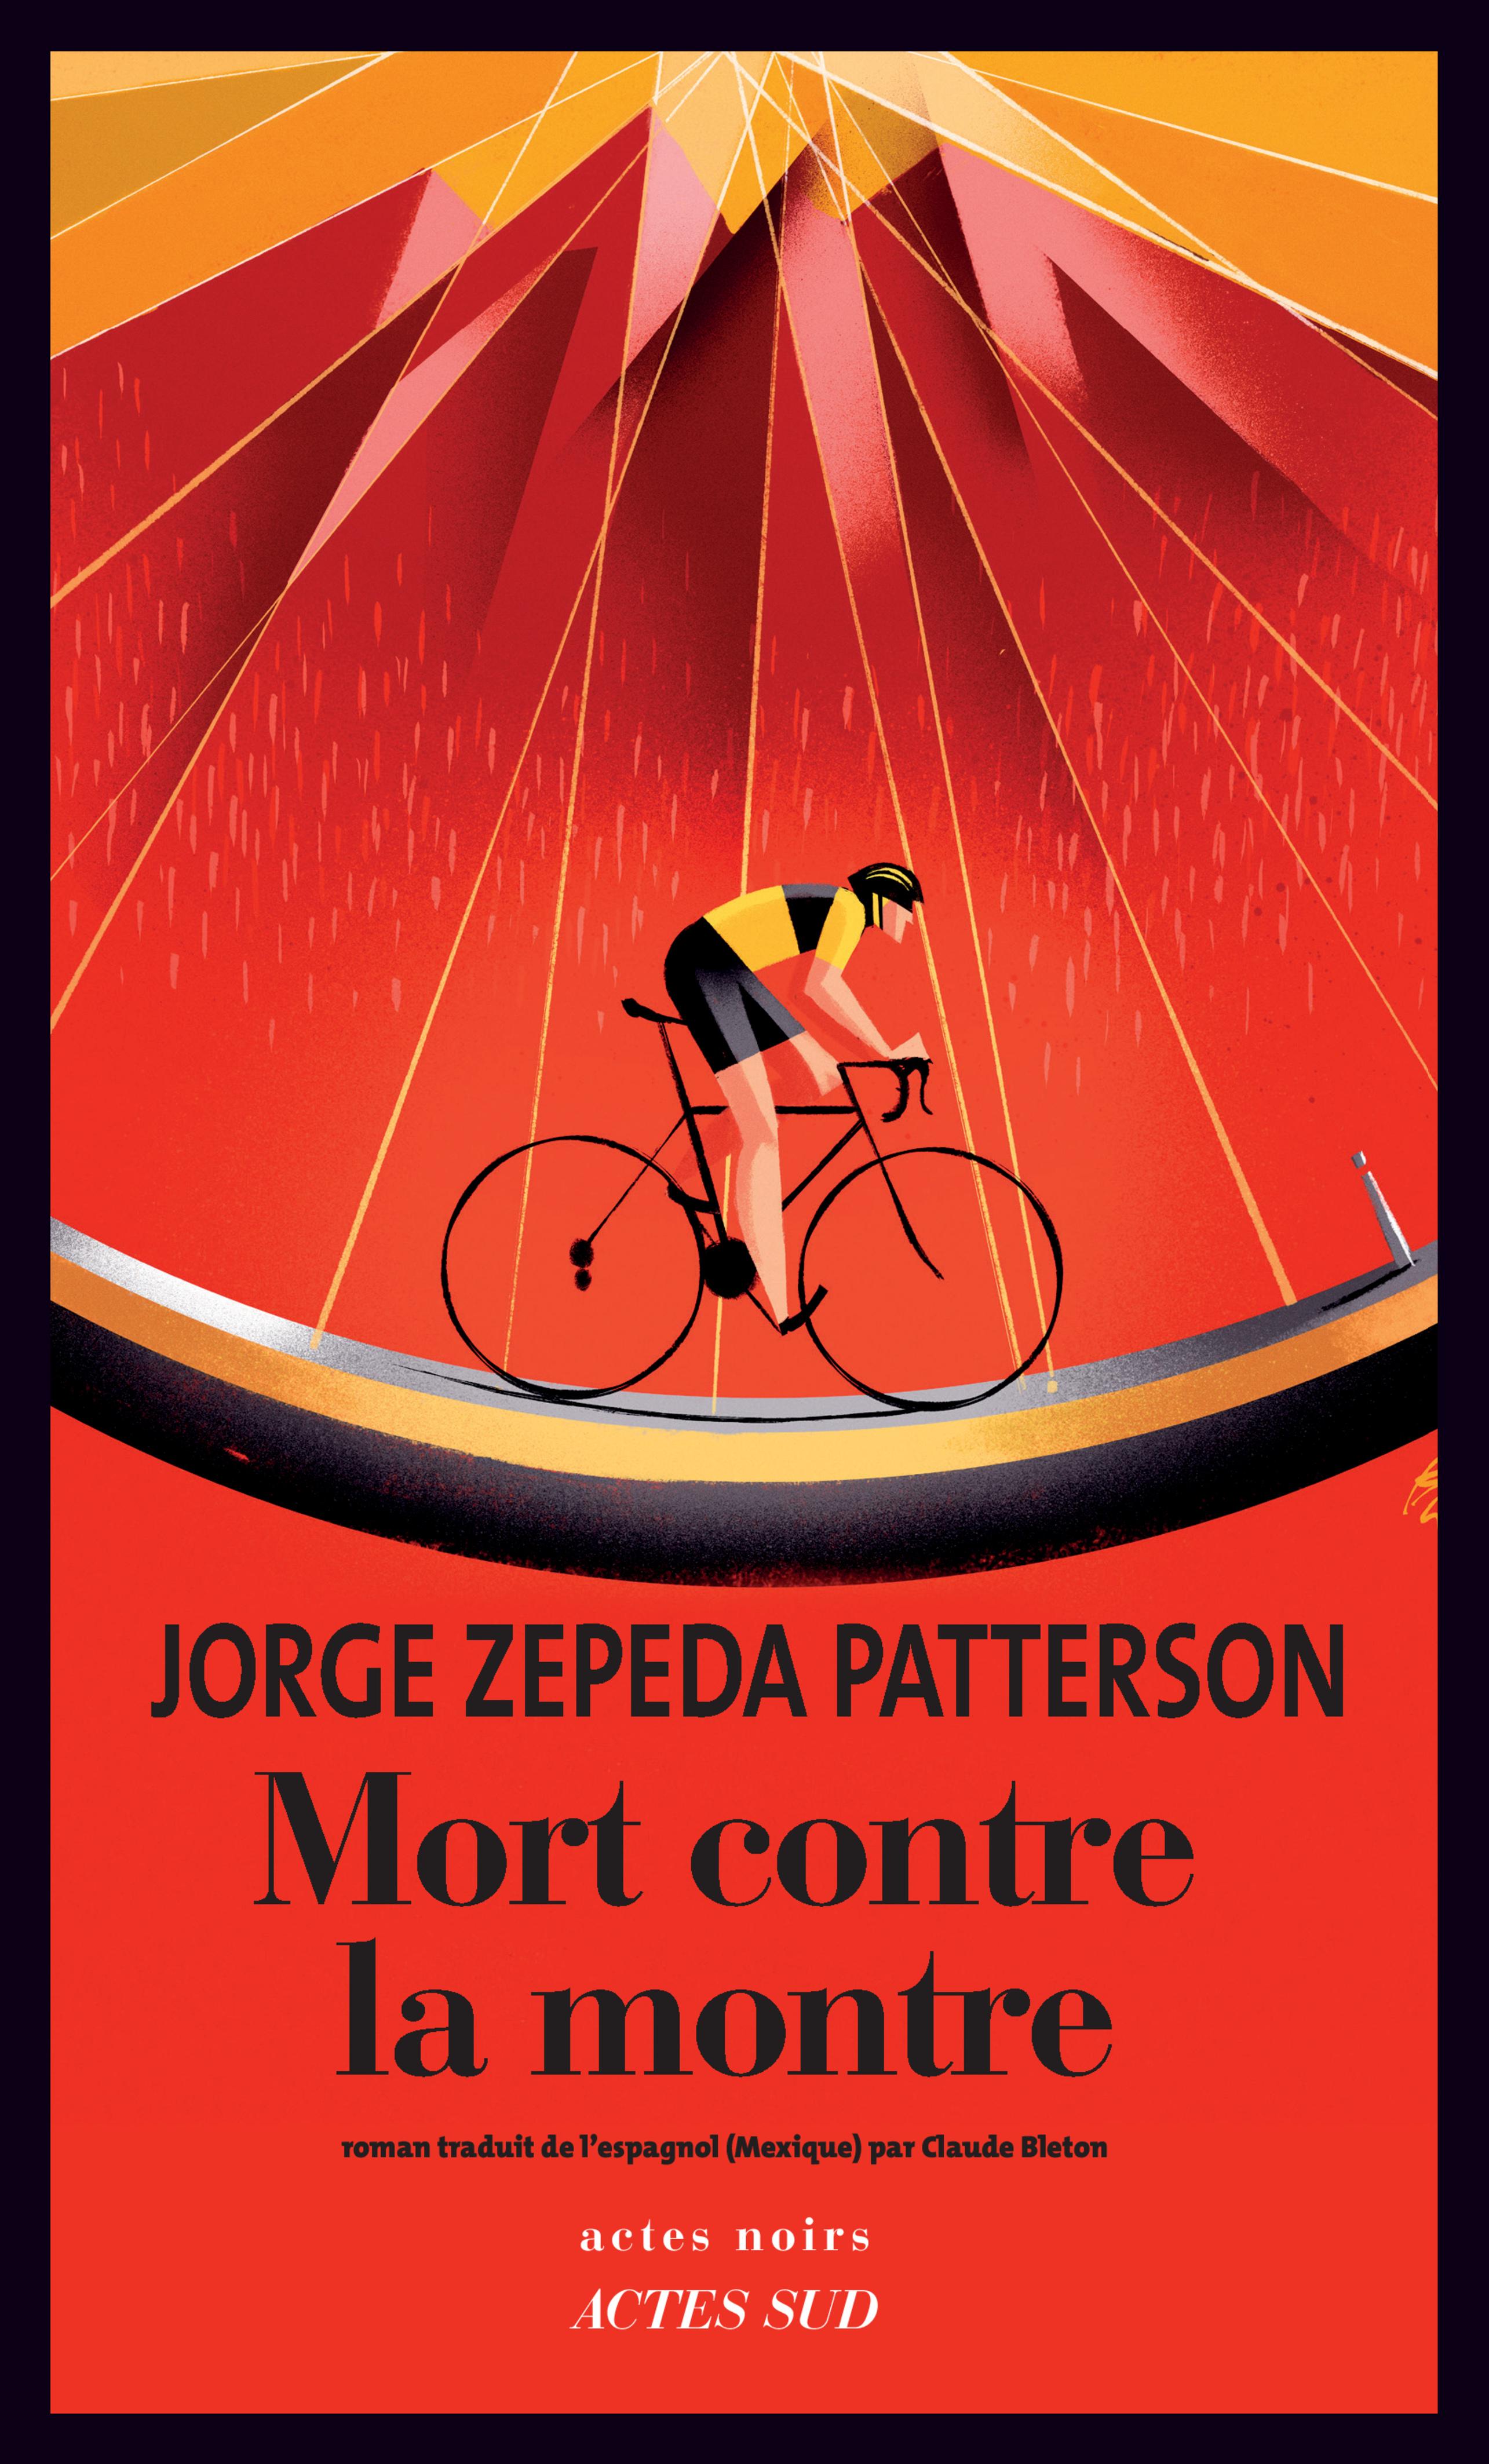 Mort contre la montre | Zepeda patterson, Jorge